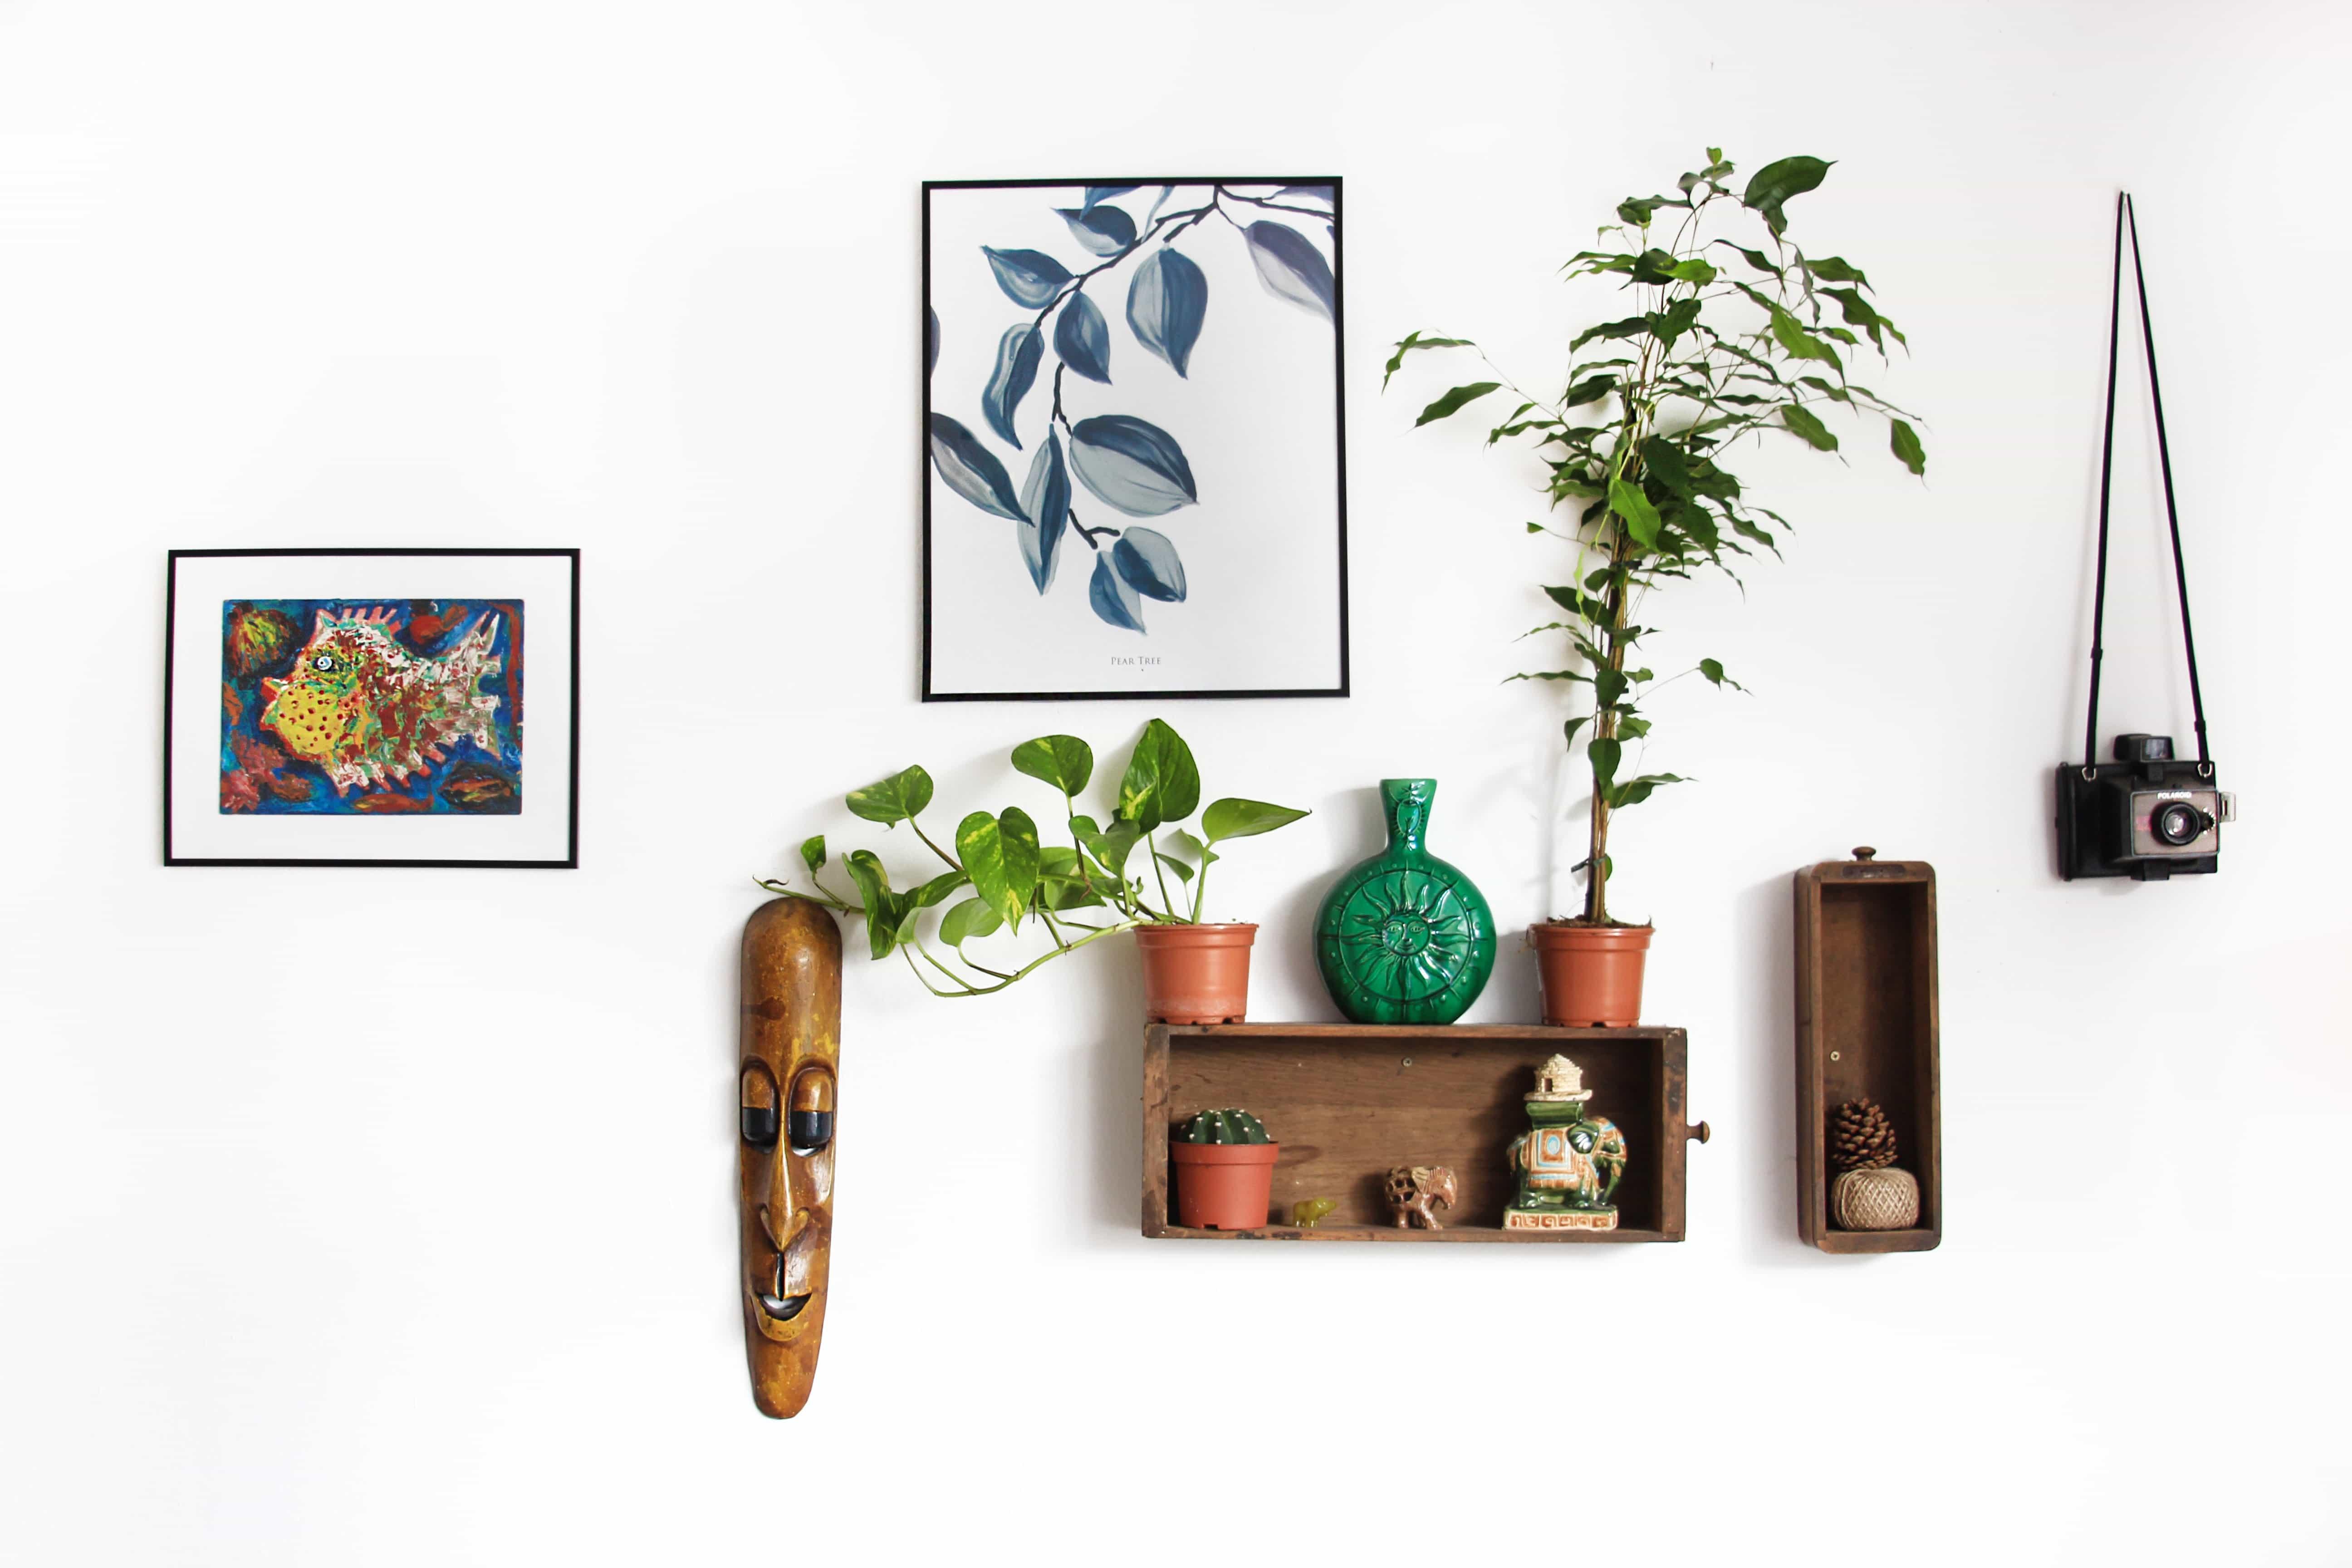 Personnaliser et décorer sa maison